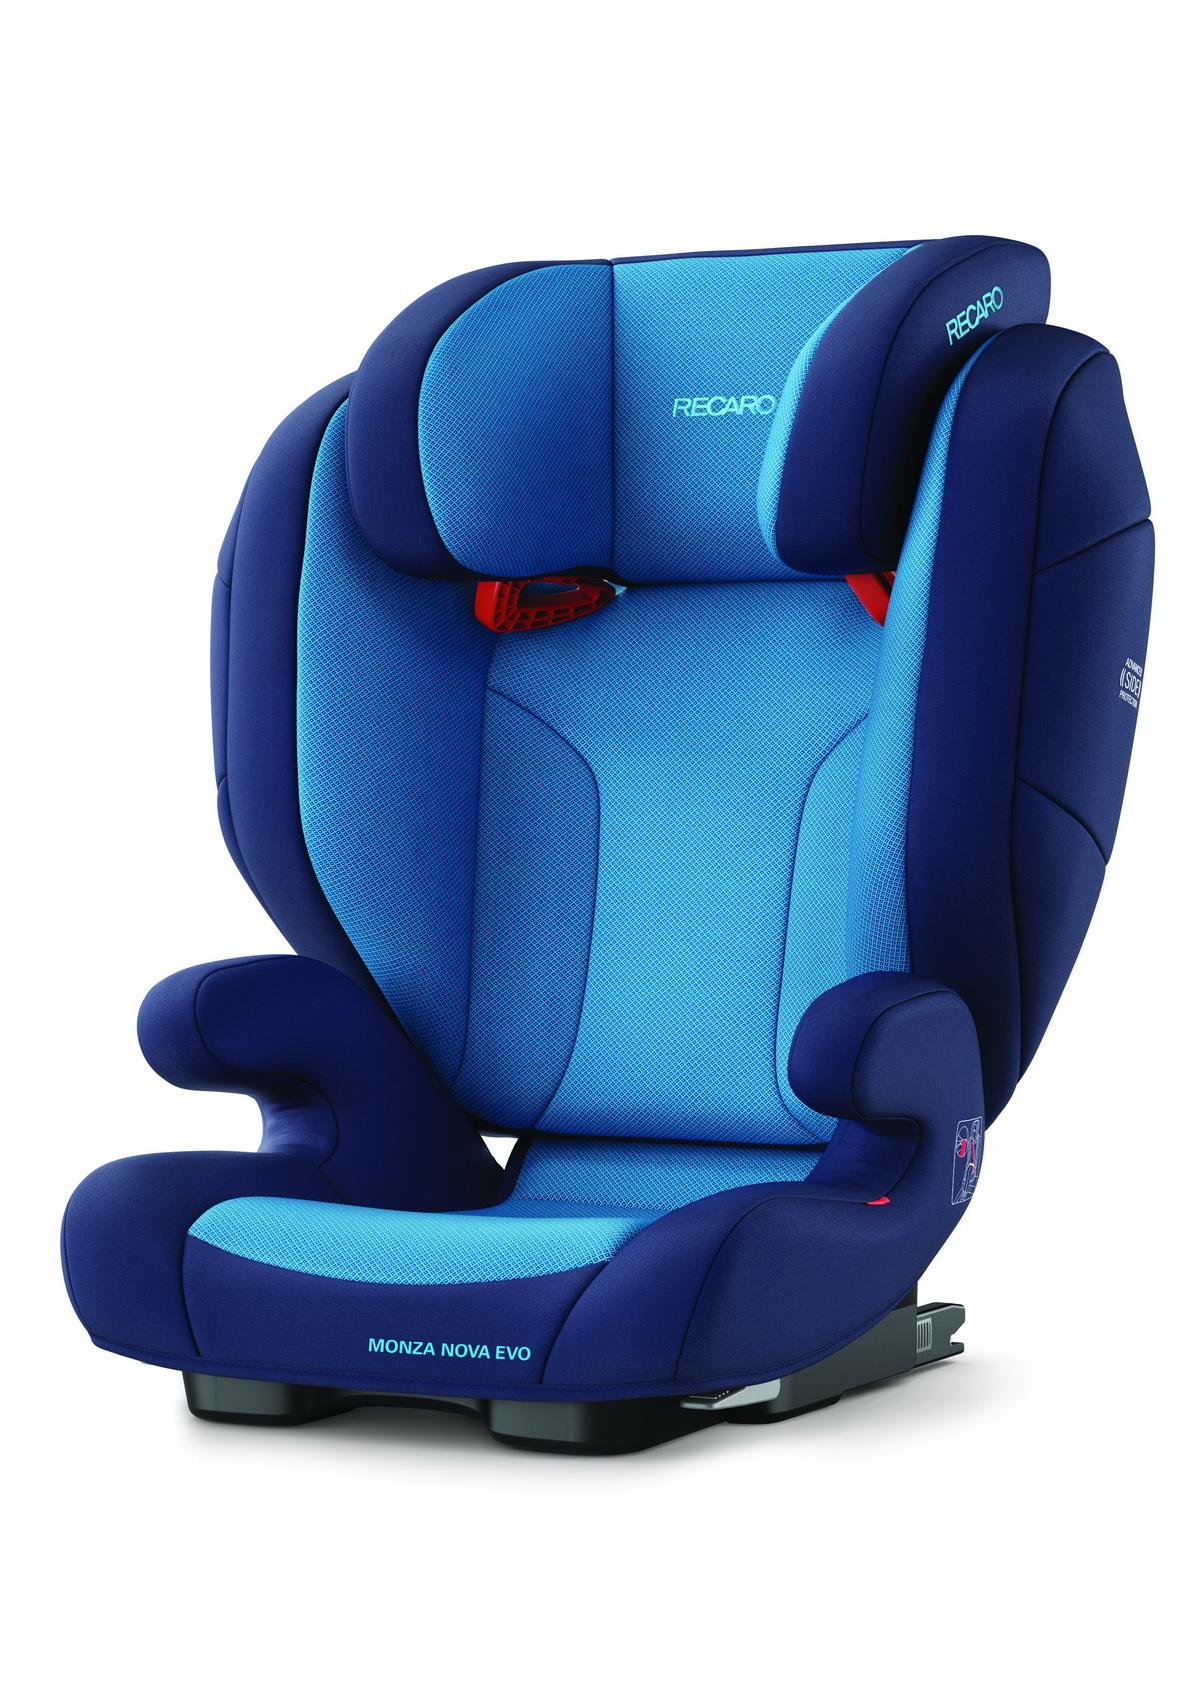 Автокресло Recaro Monza Nova Evo Seatfix Xenon Blue (+ Солнцезащитные шторки в подарок!) автокресло recaro monza nova 2 seatfix prime pale rose антисептик спрей для рук в подарок